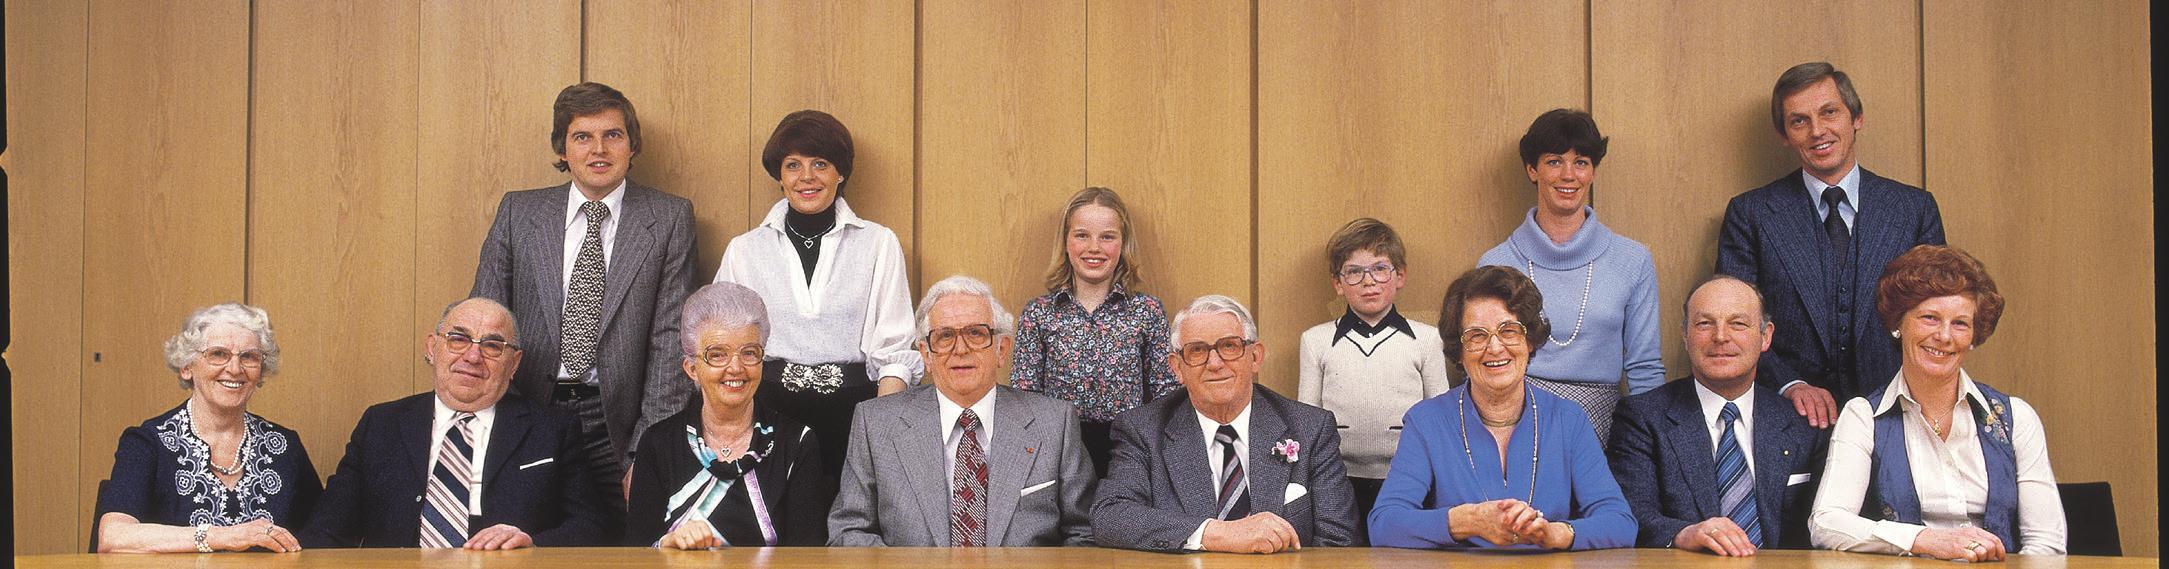 Die Familie in den 70er-Jahren, als Norderstedt zur Stadt wurde.